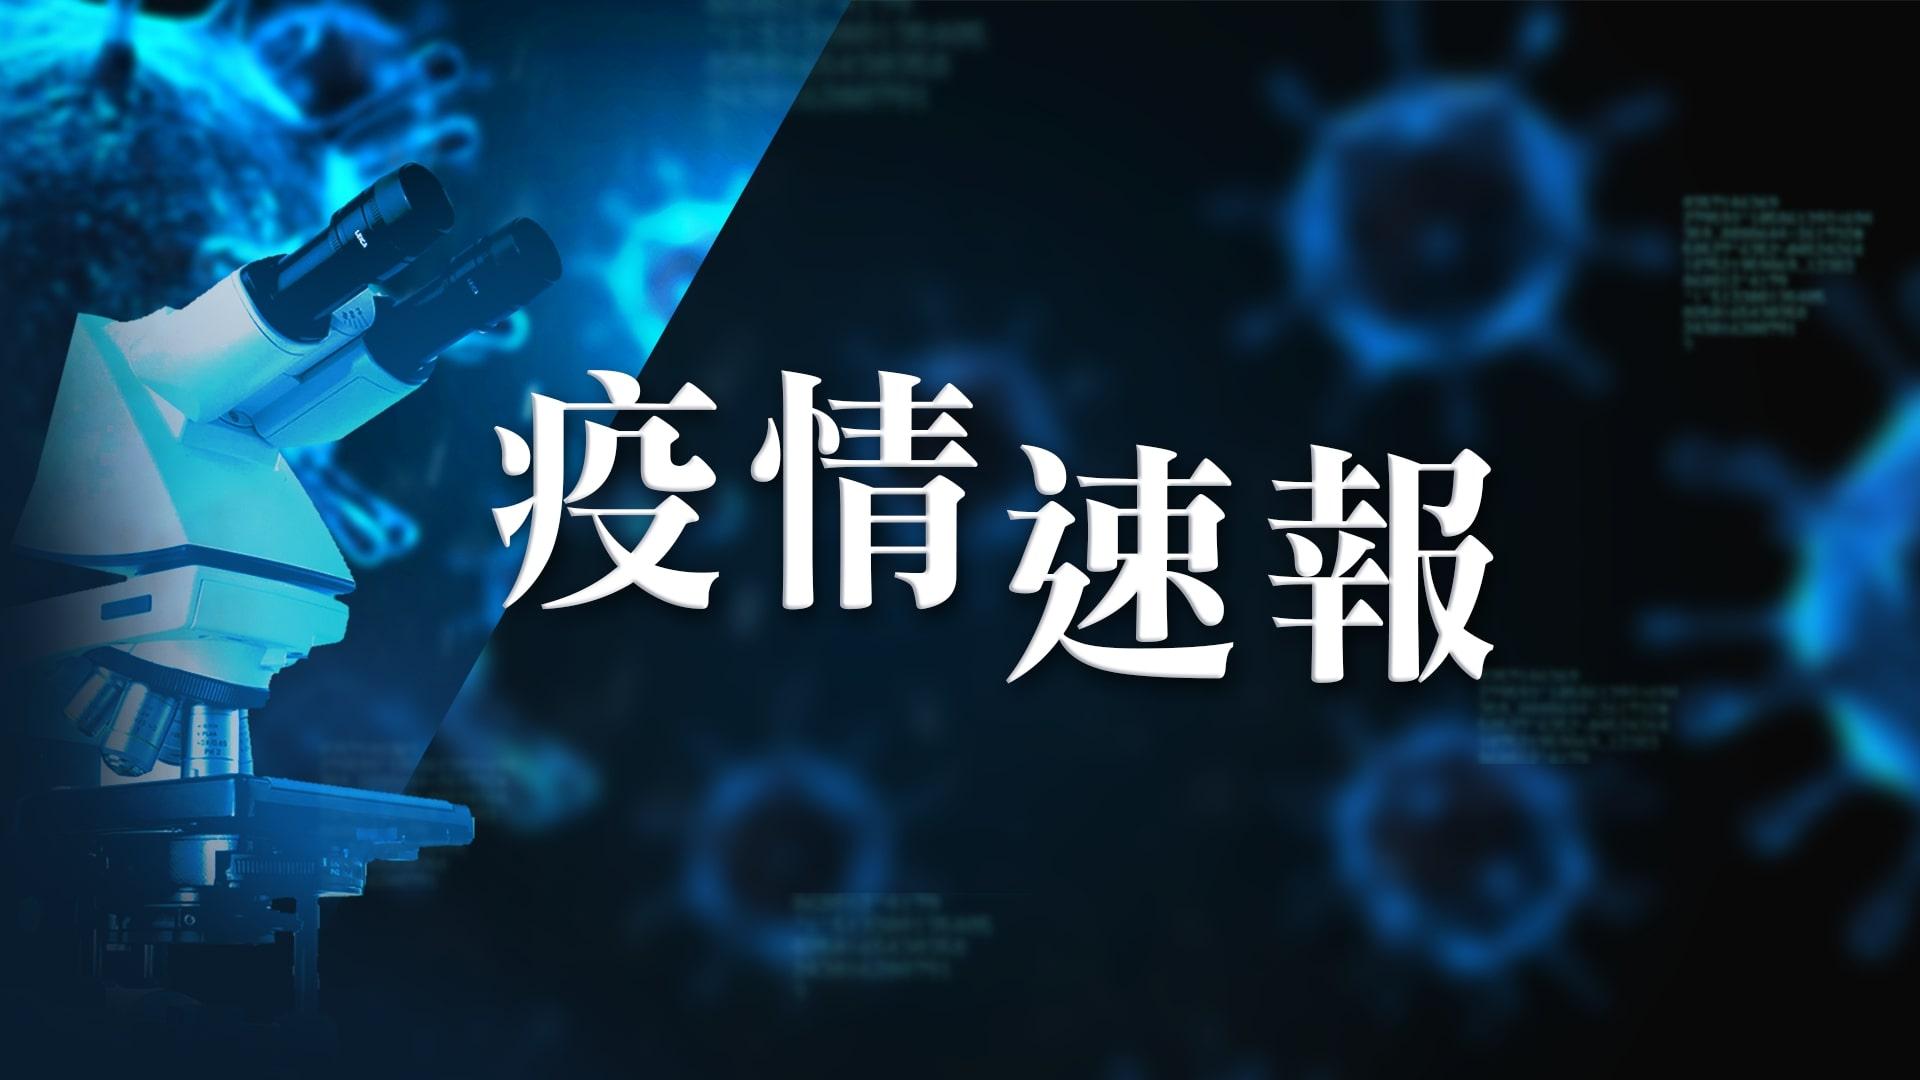 【10月22日疫情速報】(23:15)